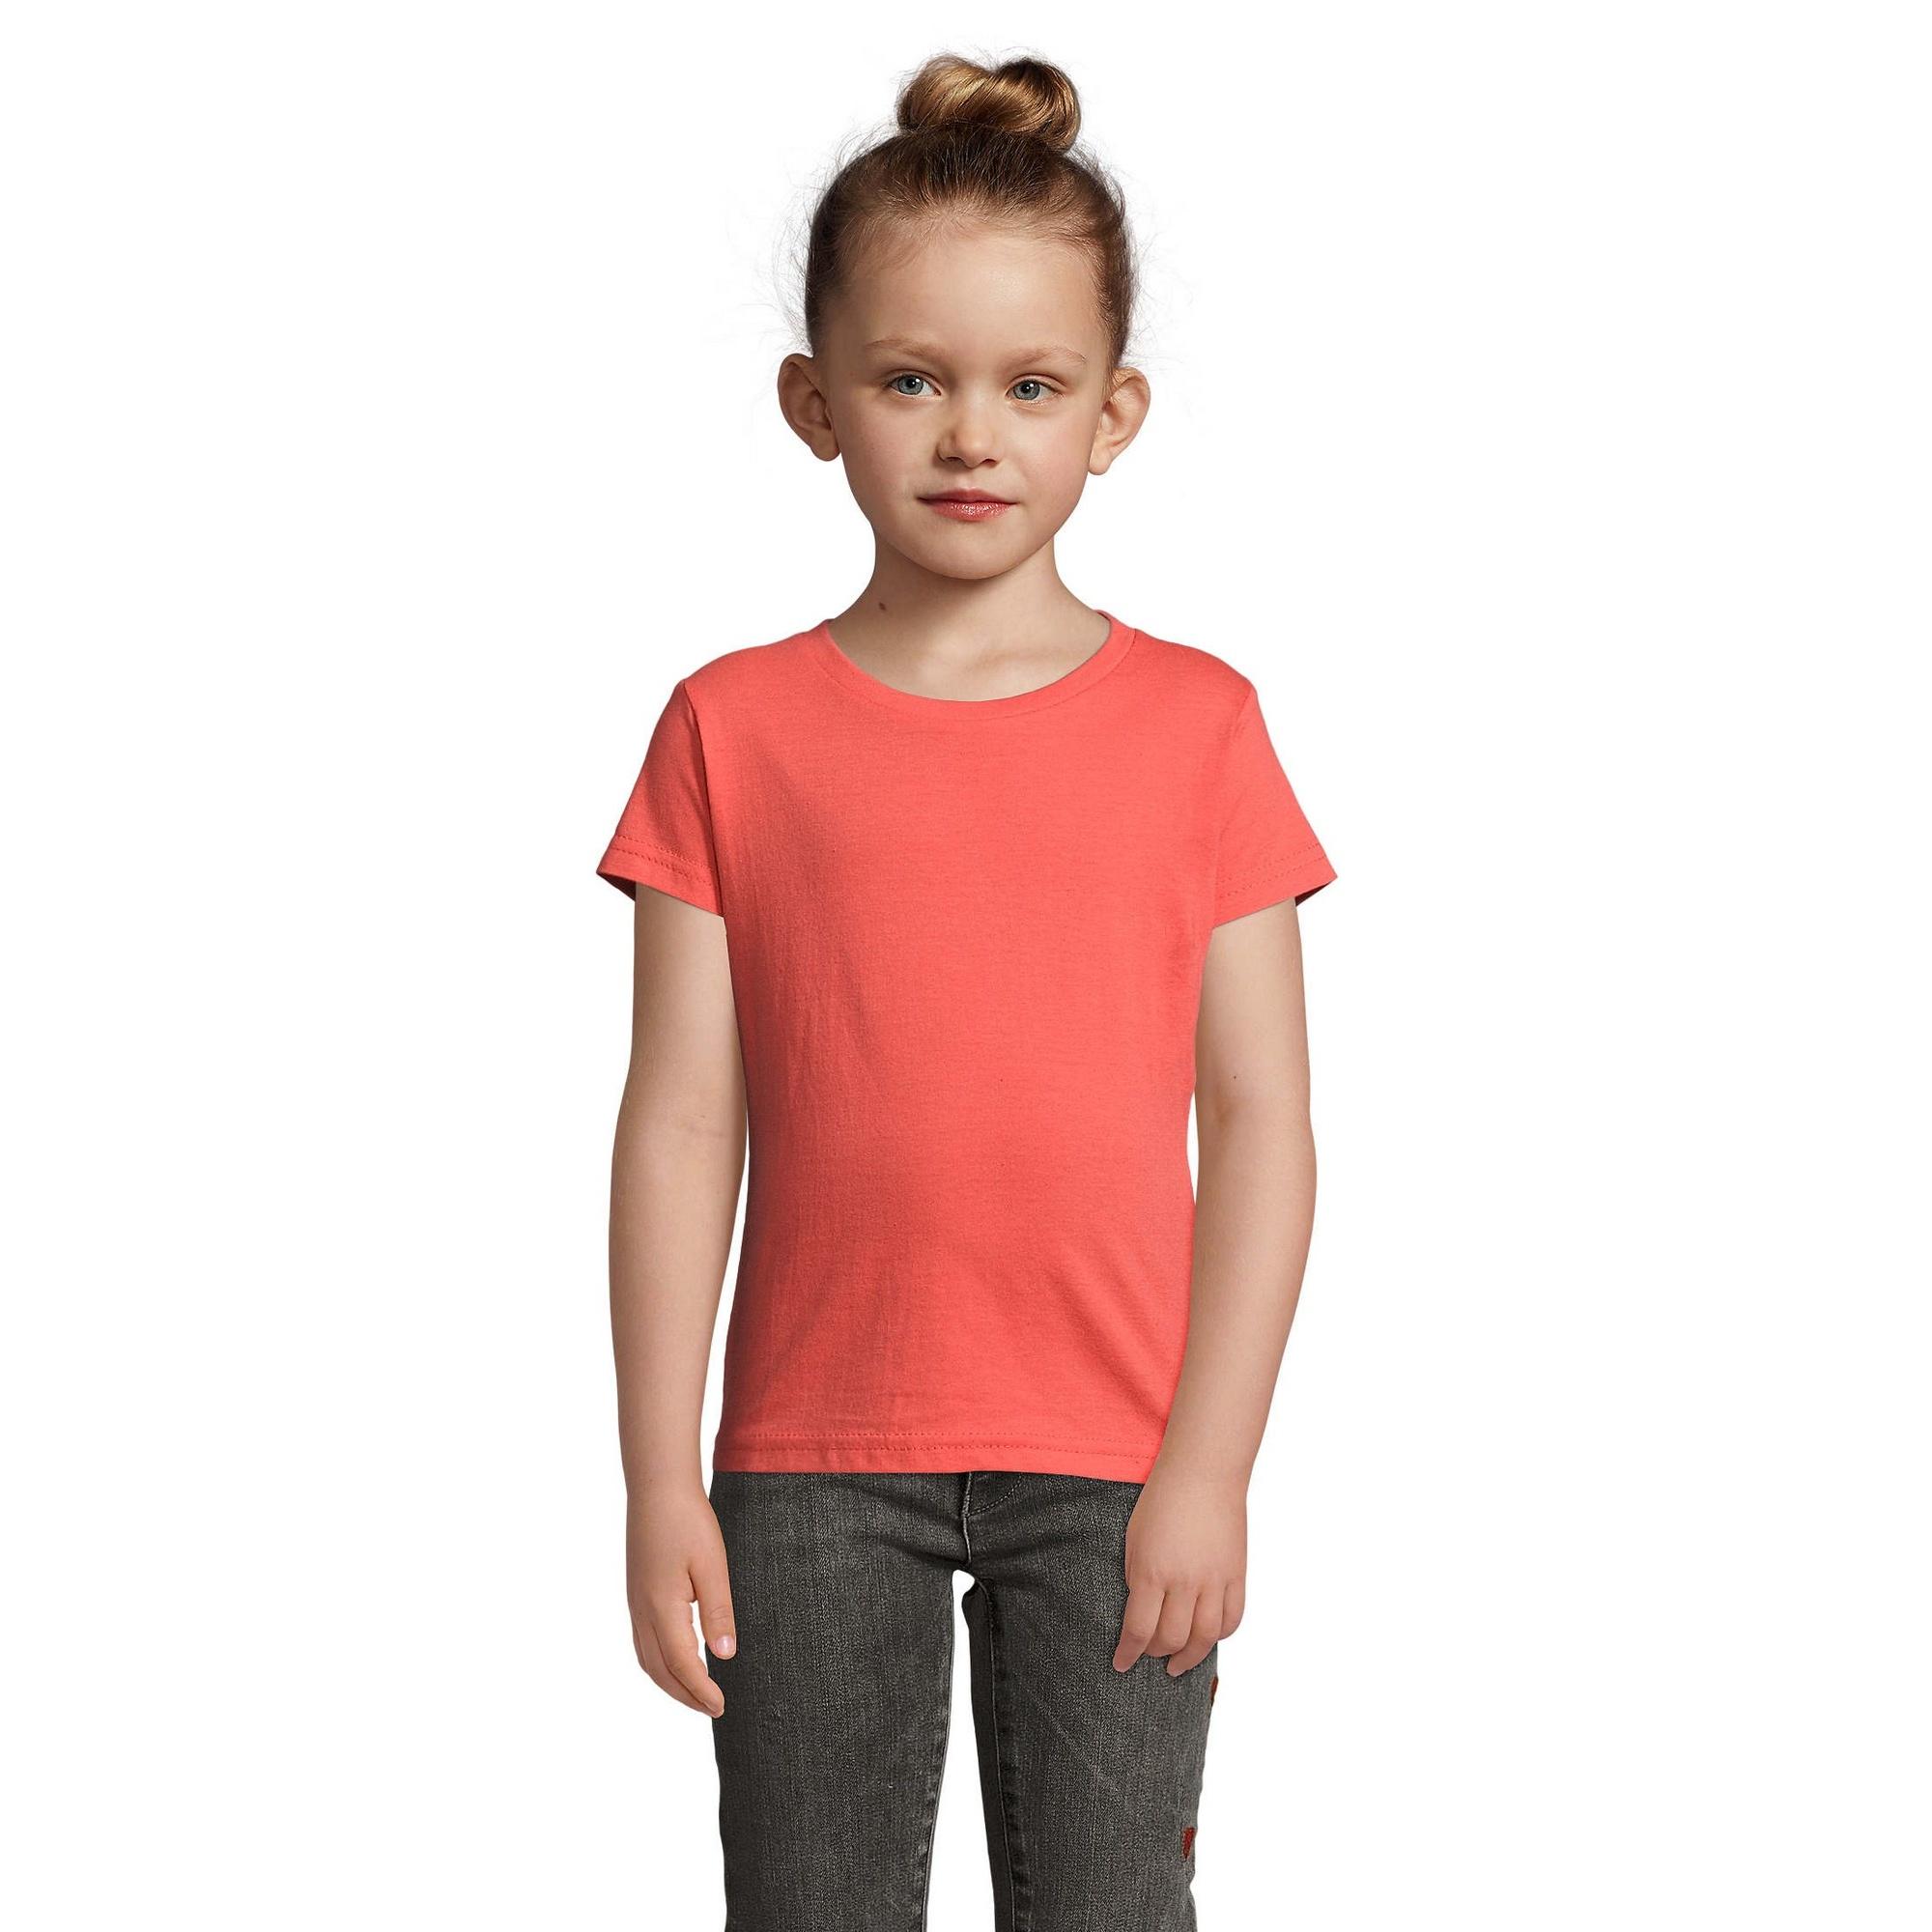 SOLS-Cherry-T-shirt-a-manches-courtes-Fille-7-couleurs-PC358